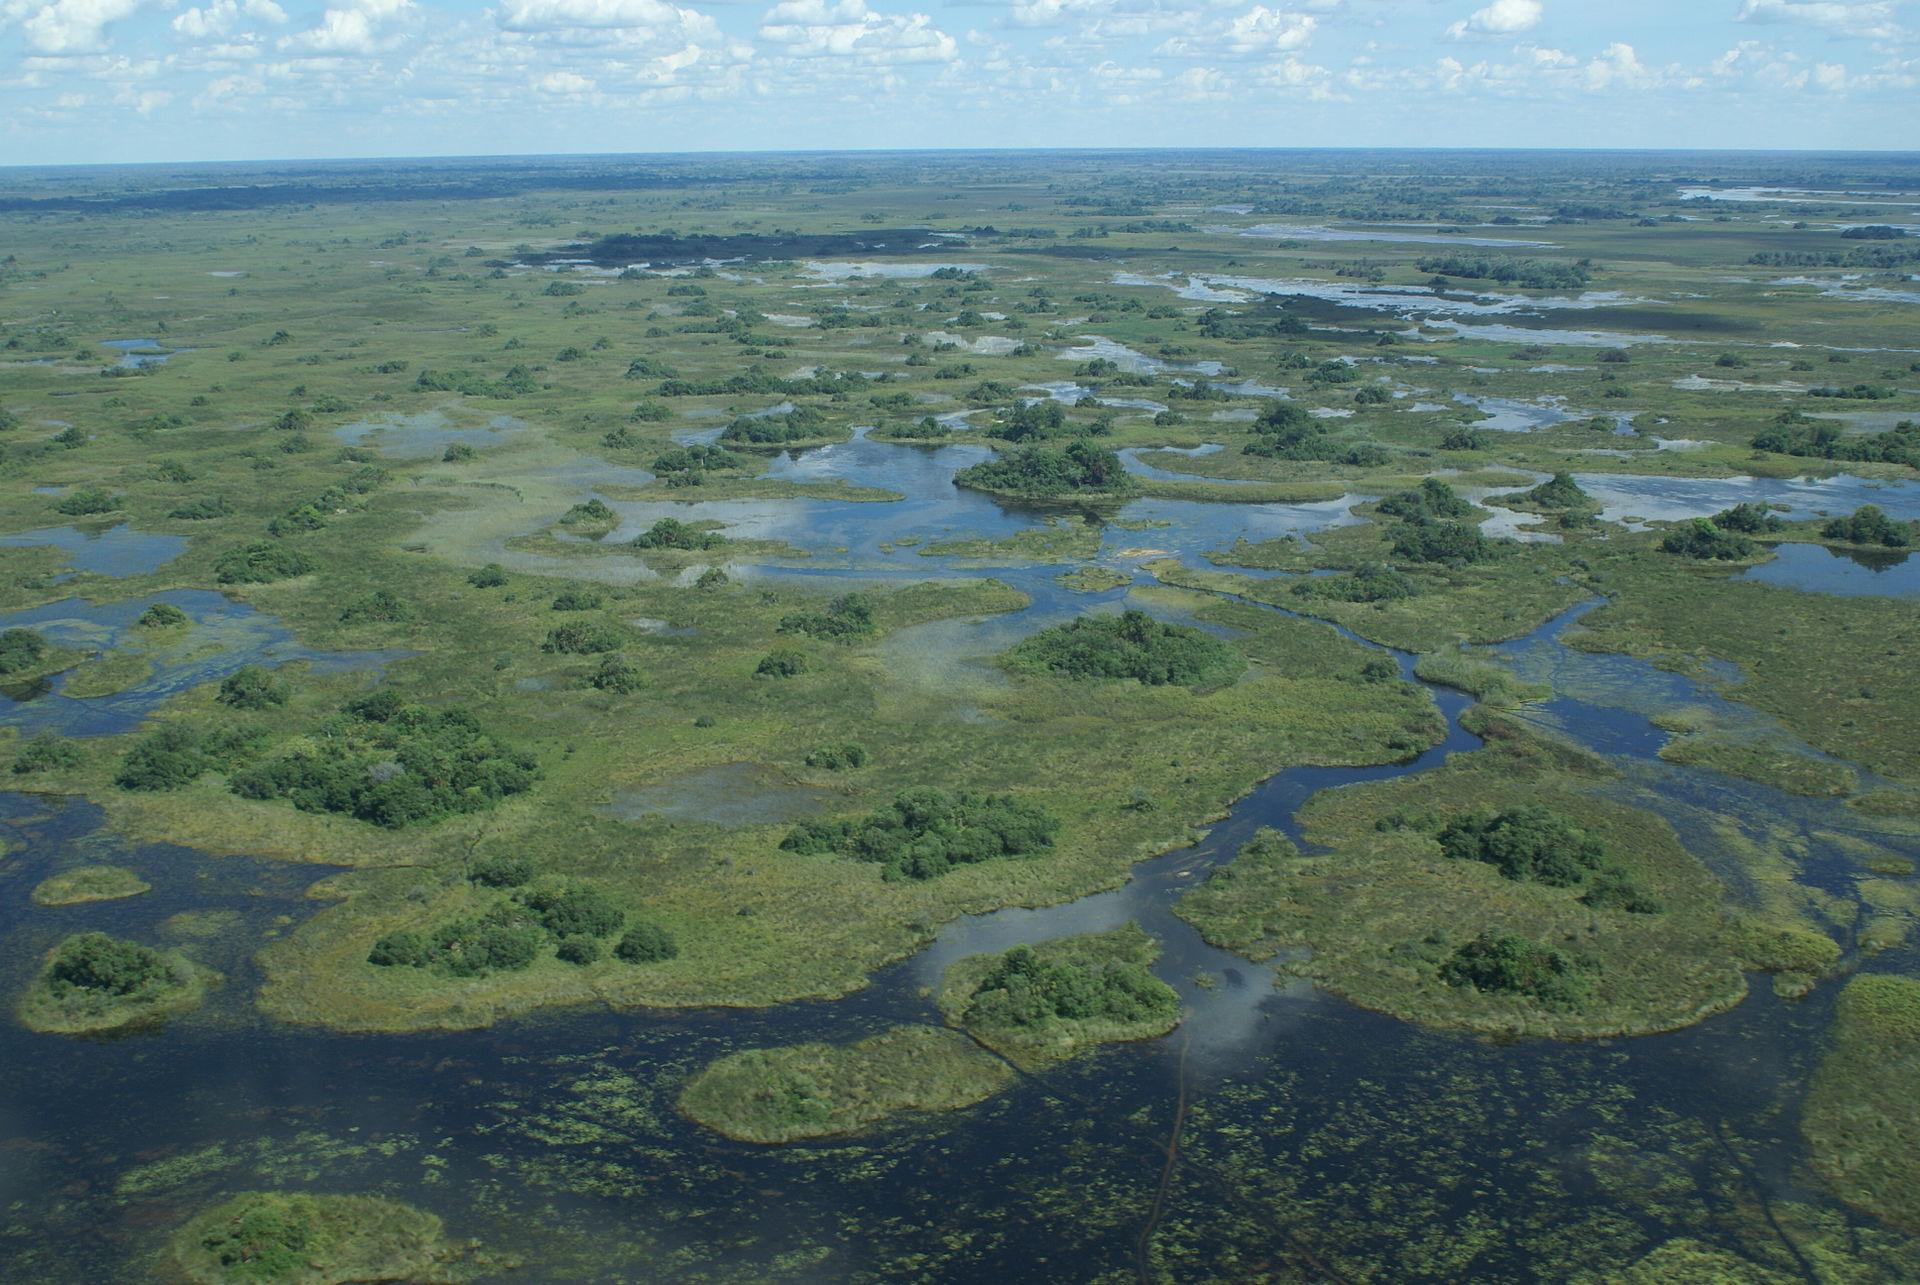 Vue aérienne du Delta de l'Okavango au Bostwana